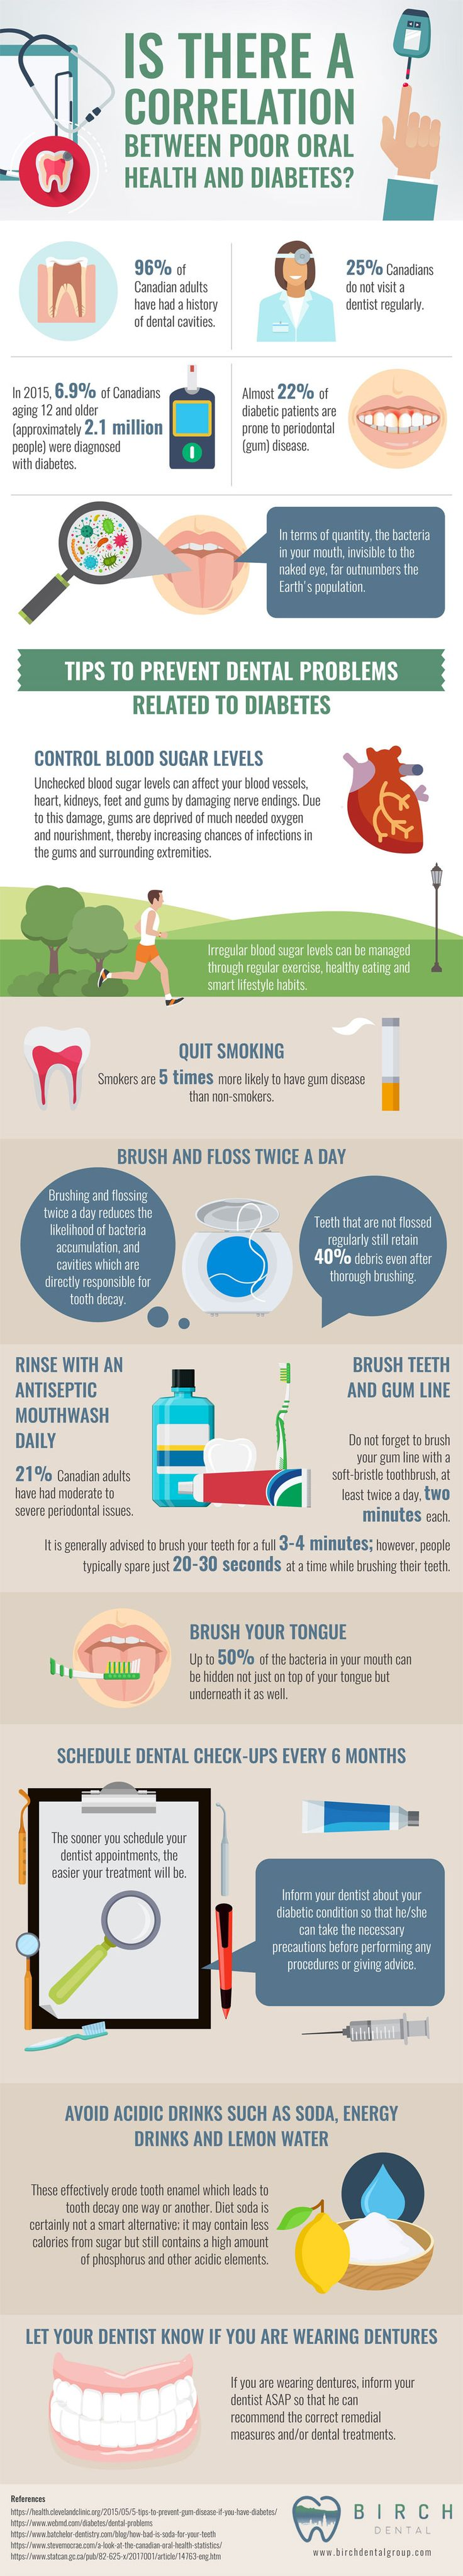 Oral Hygiene & Diabetes Correlation